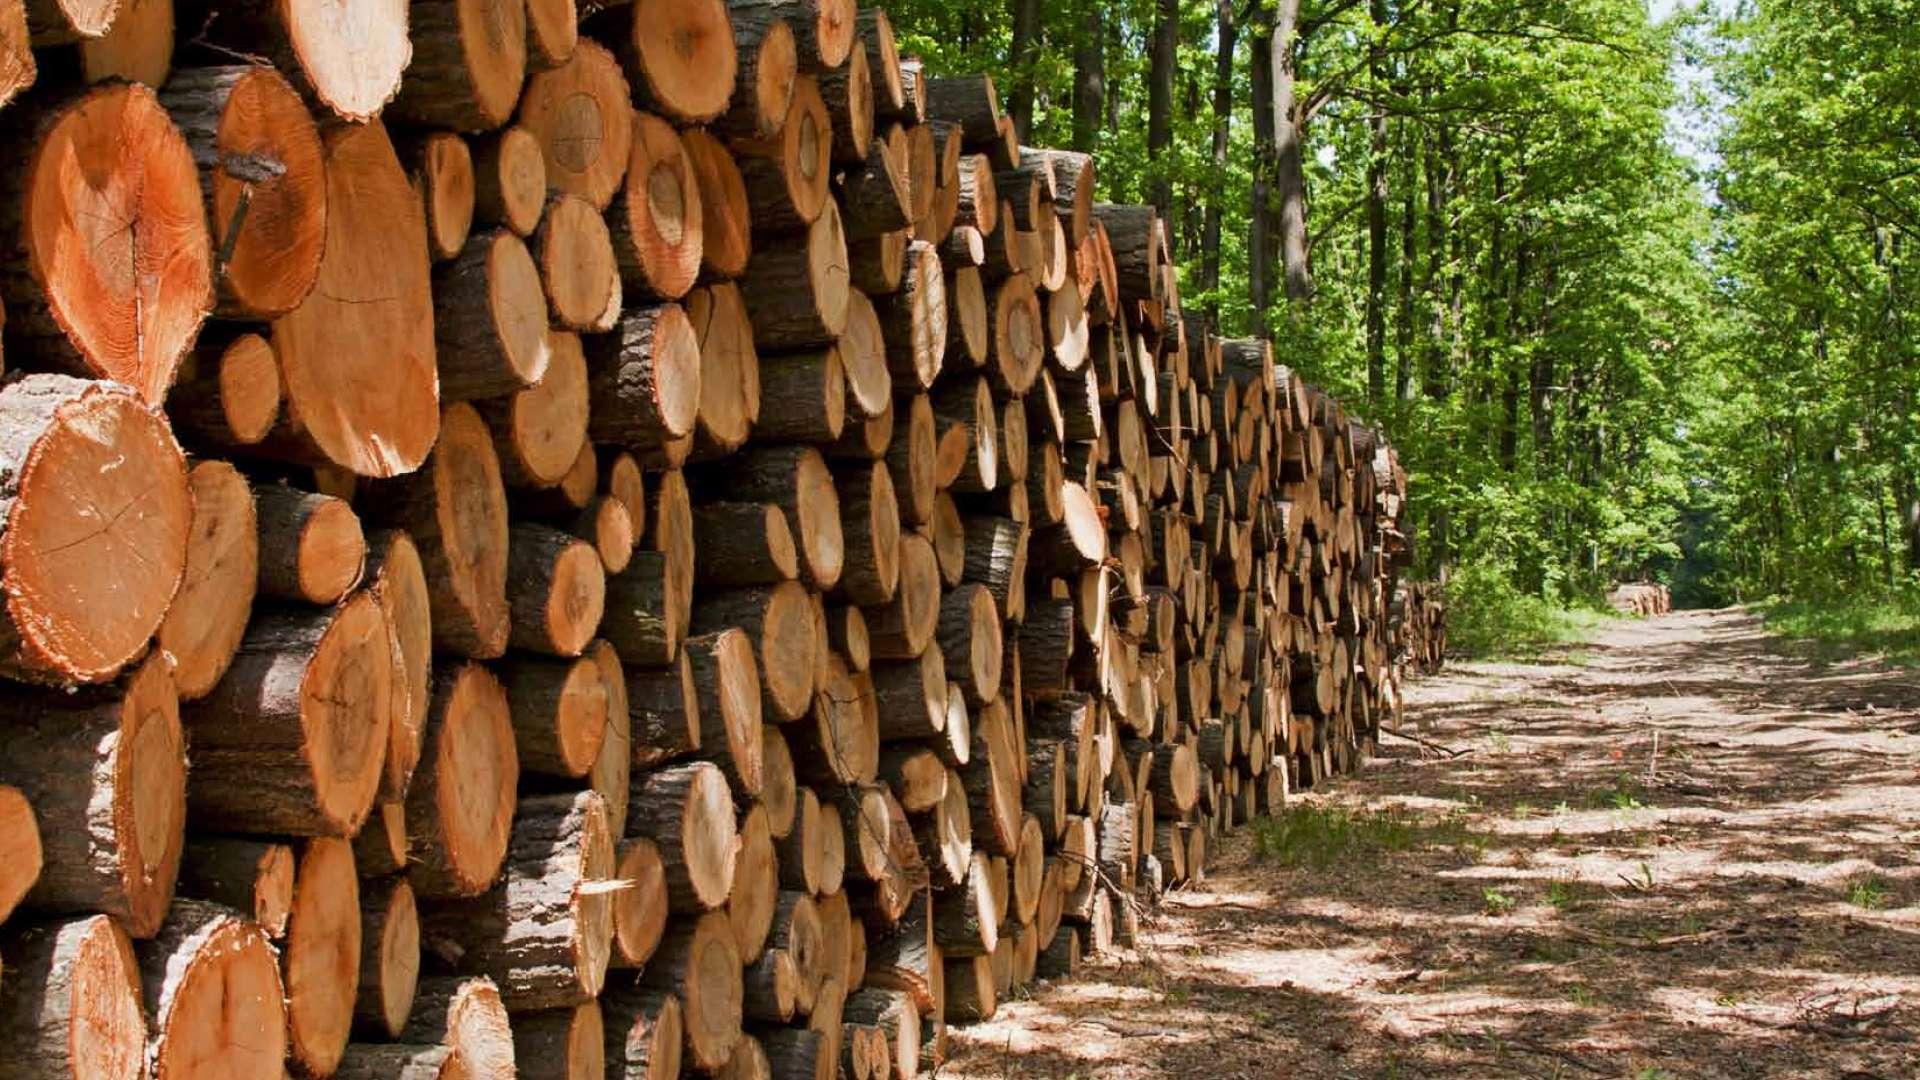 Waldweg mit vielen aufgestapelten Baumstämmen auf der einen Seite